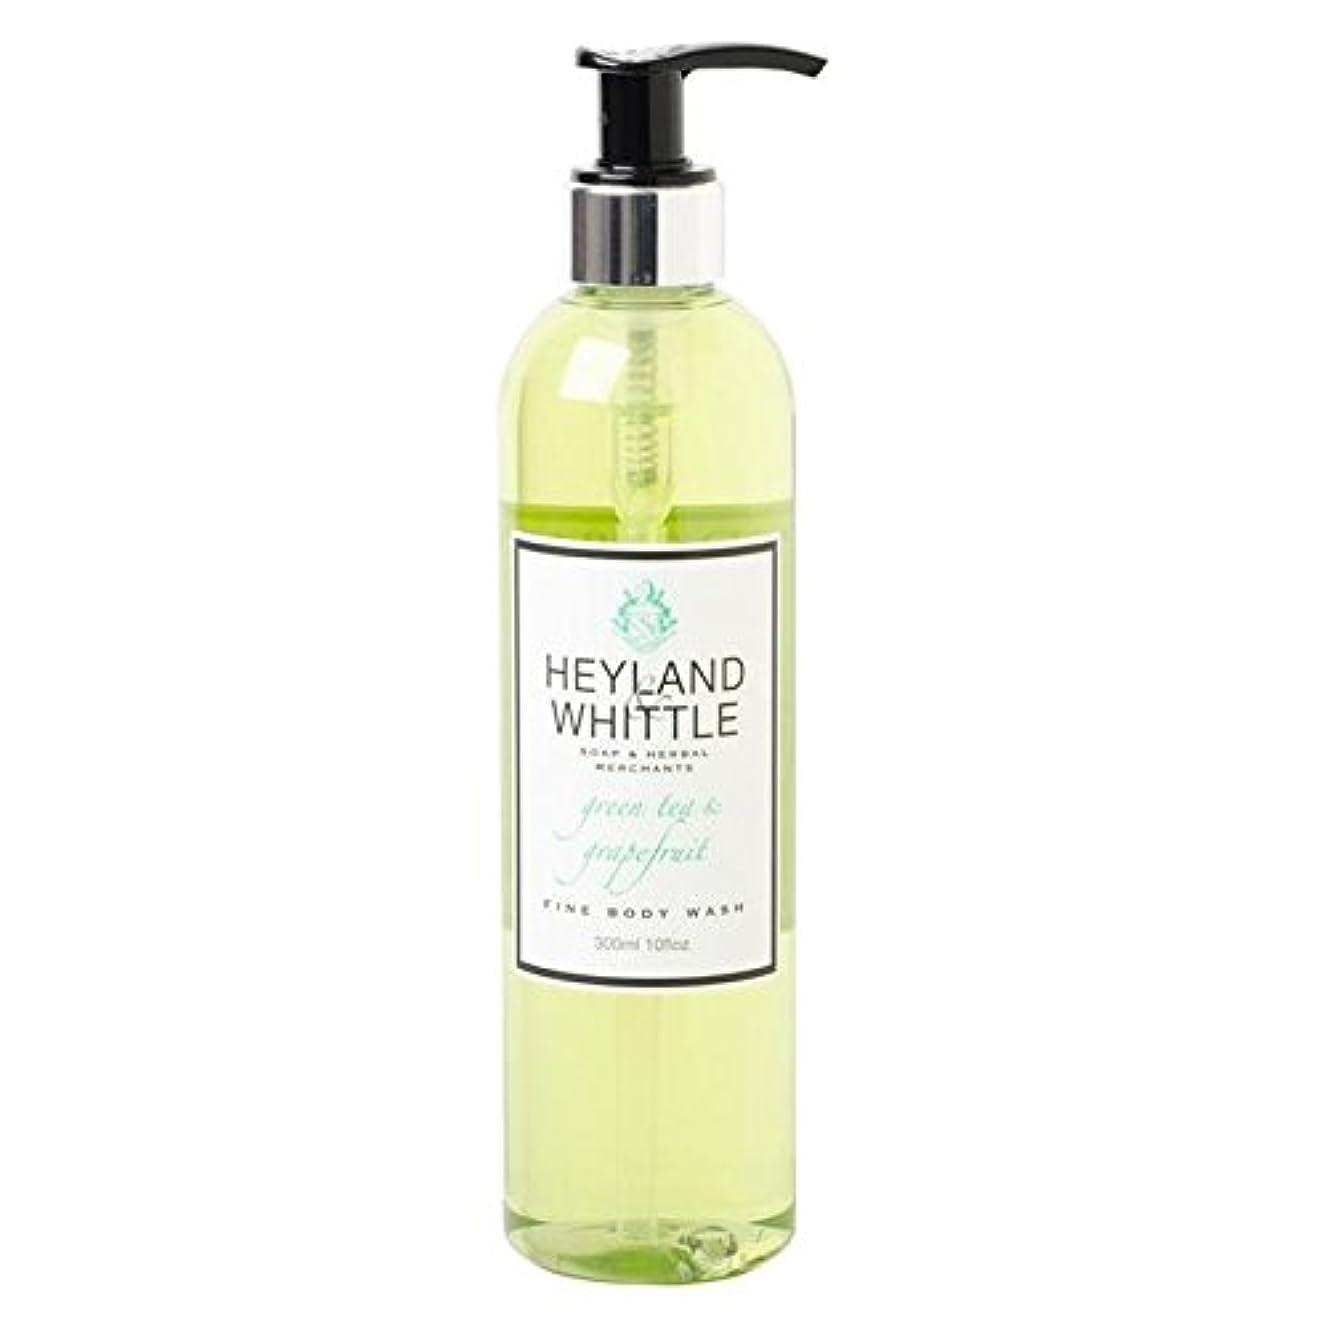 誇張するチャネル征服Heyland & Whittle Greentea & Grapefruit Body Wash 300ml - &削るグリーンティ&グレープフルーツボディウォッシュ300ミリリットル [並行輸入品]